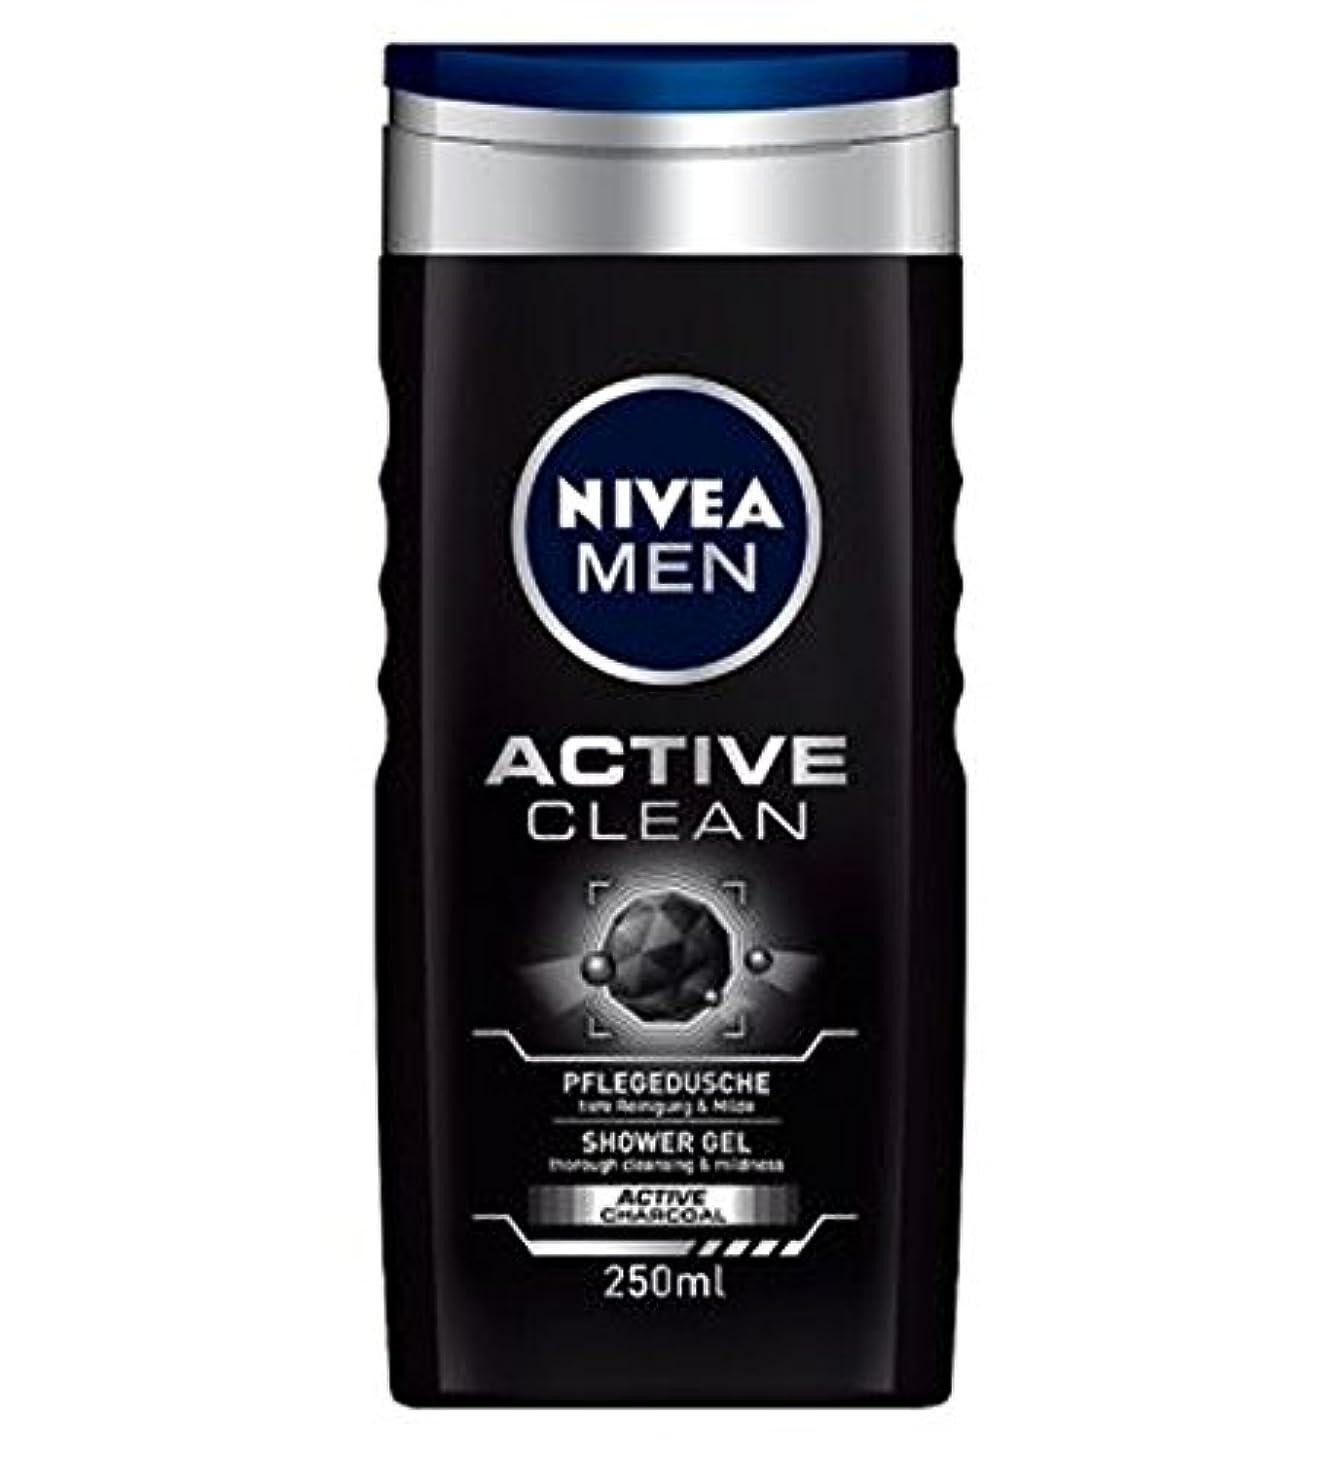 敵対的育成法的ニベアの男性アクティブクリーンシャワージェル250ミリリットル (Nivea) (x2) - NIVEA MEN Active Clean Shower Gel 250ml (Pack of 2) [並行輸入品]